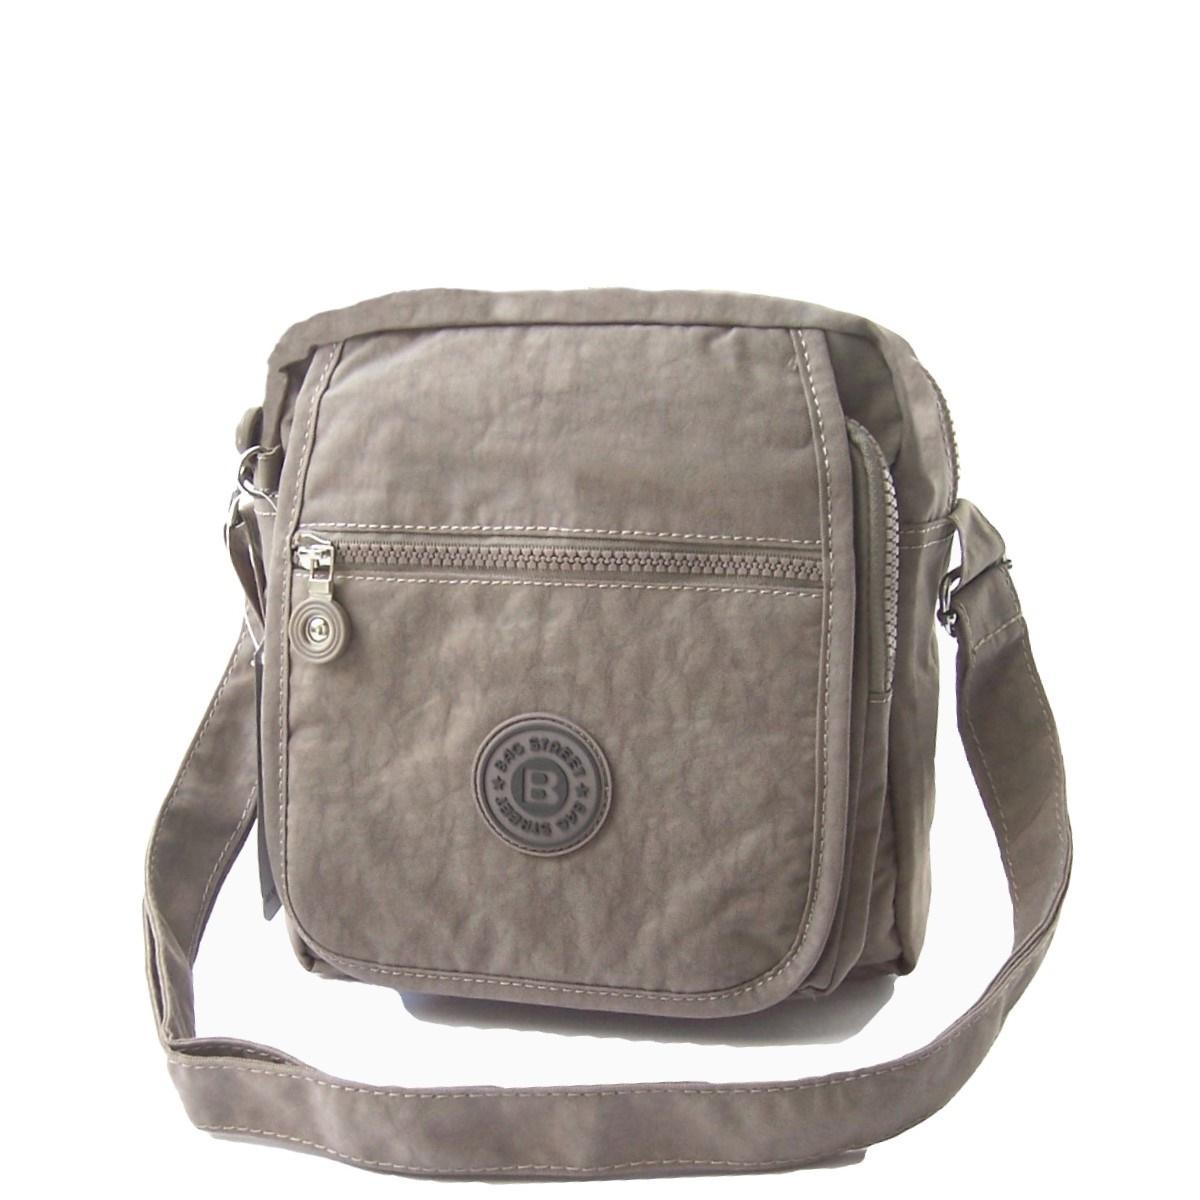 Tasche Umhängetasche Handtasche Bag Street Nylon beige Ta6010